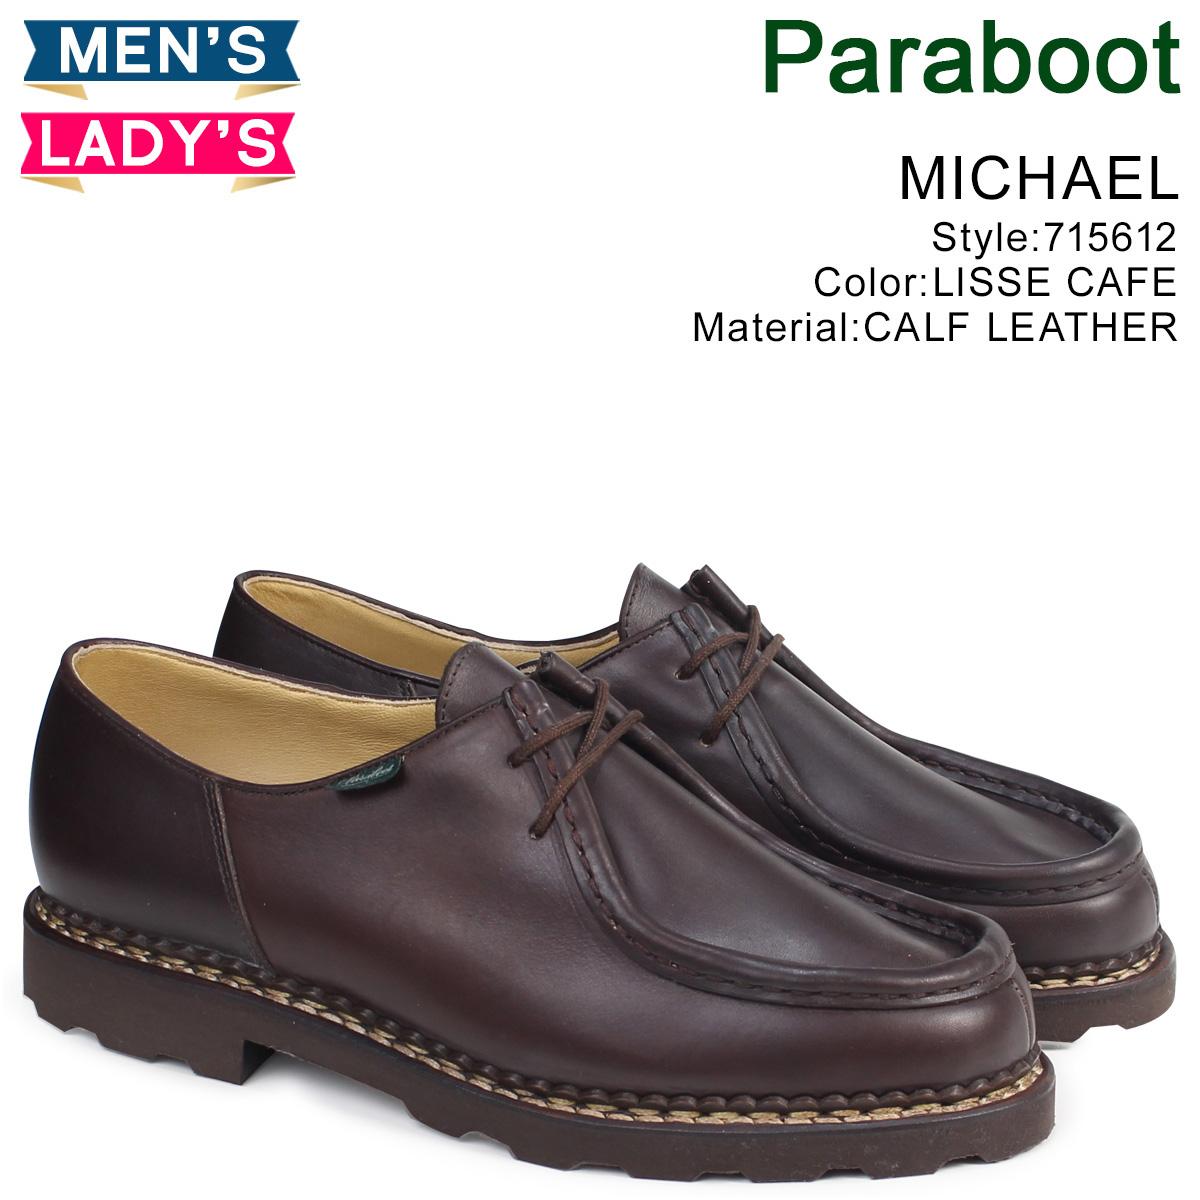 PARABOOT MICHAEL パラブーツ ミカエル シューズ チロリアンシューズ 715612 メンズ レディース 靴 ブラウン [予約商品 4/9頃入荷予定 追加入荷]